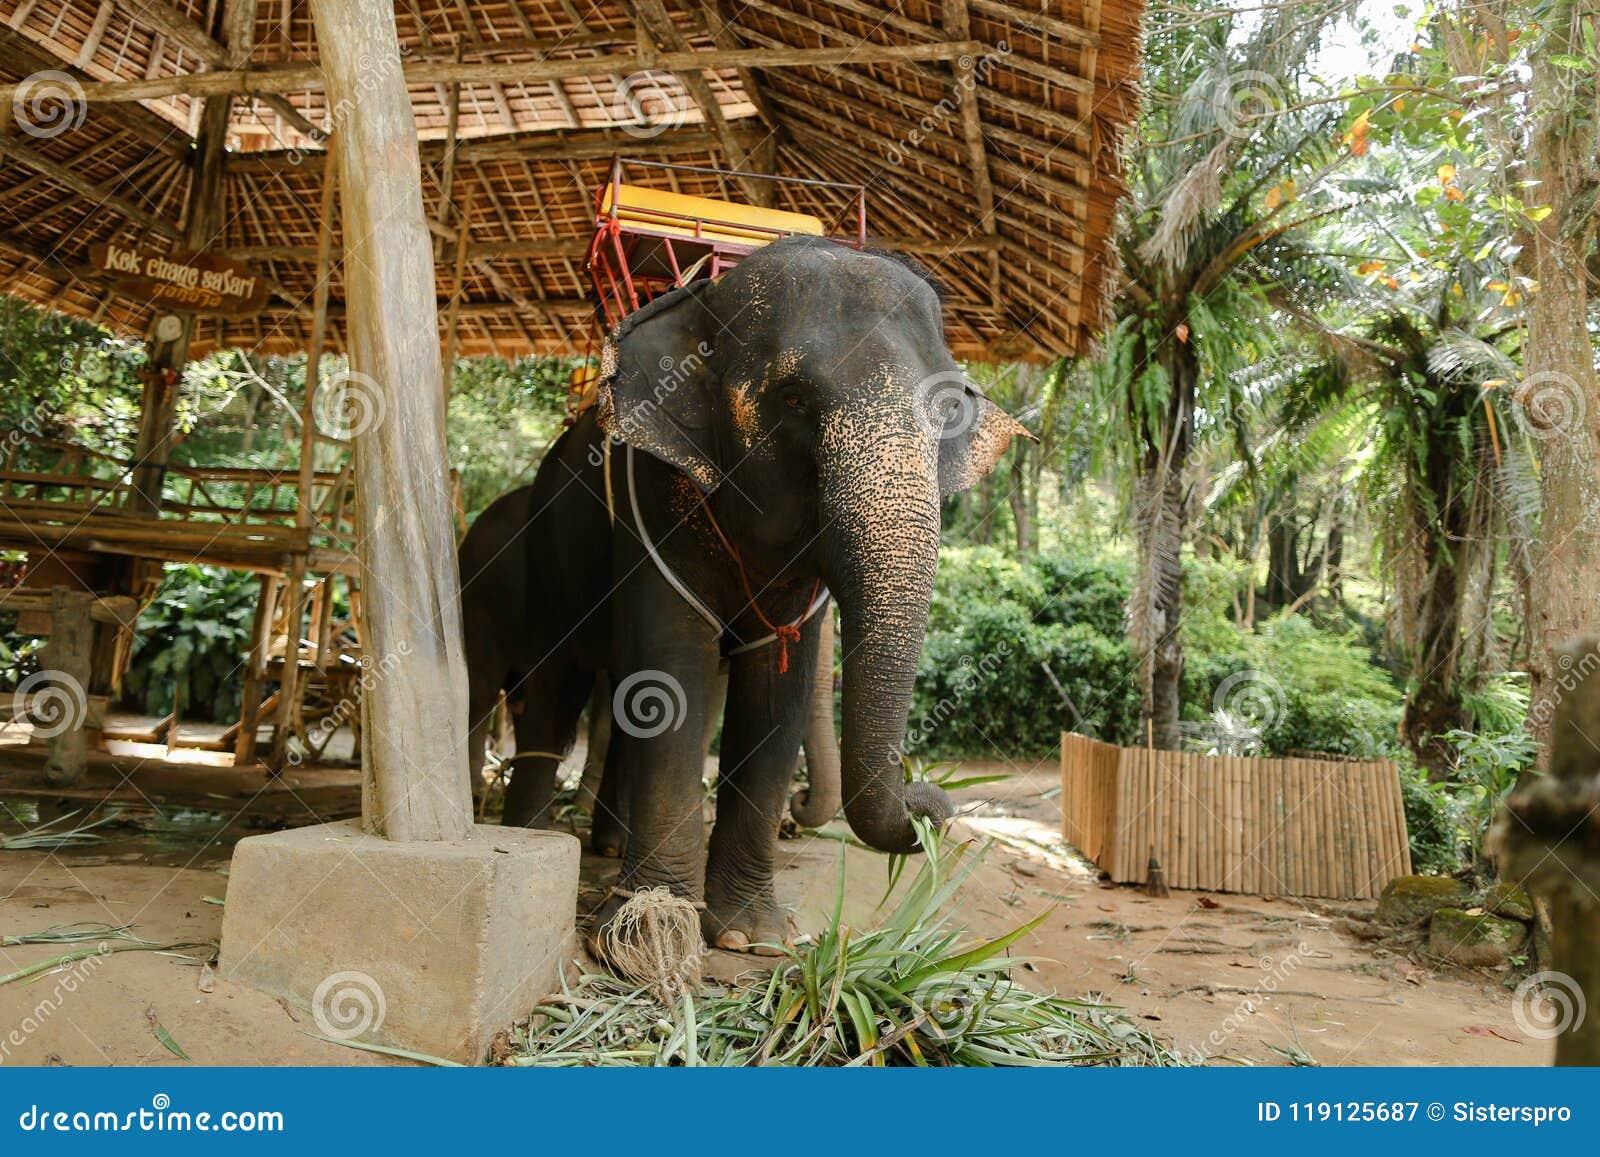 Εξημερωμένος μεγάλος ελέφαντας που στέκεται με την κίτρινη σέλα